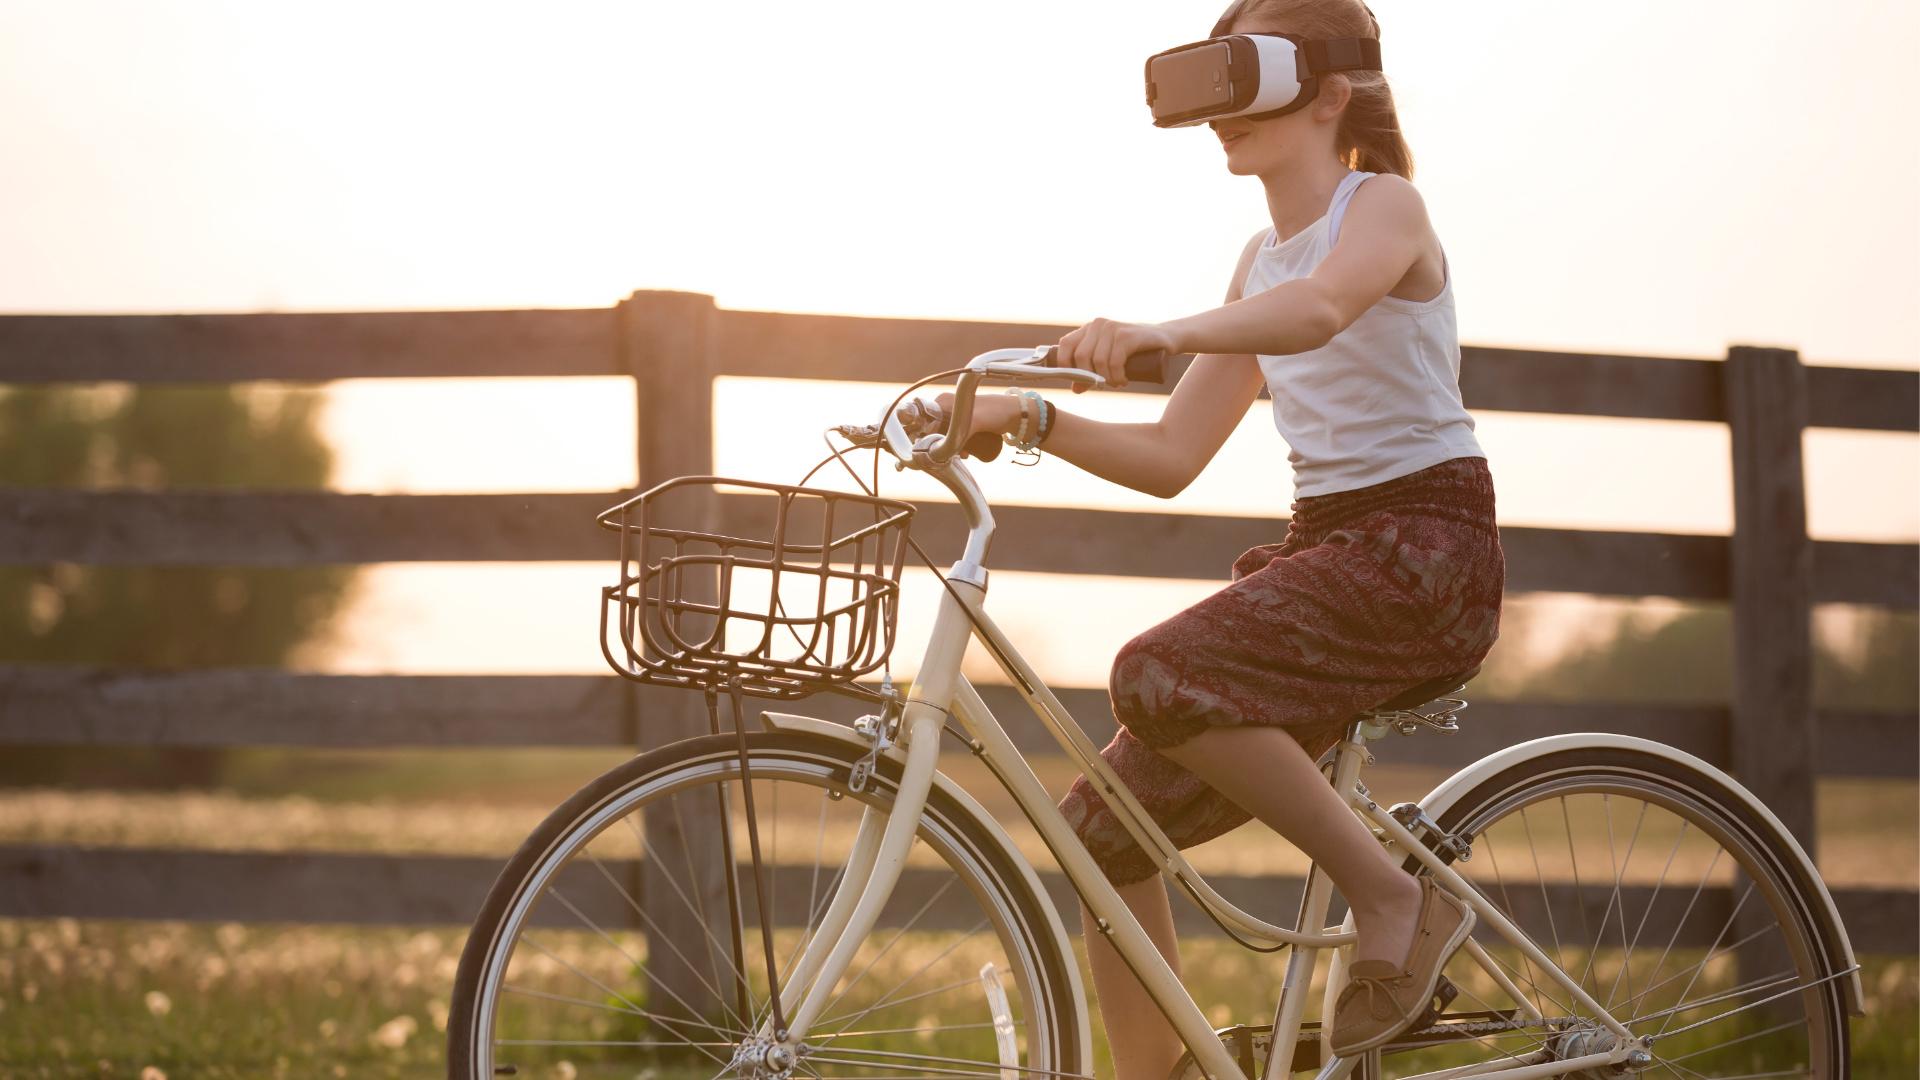 01a84947ee3437 Co zrobić żeby nasz rower był jeszcze bardziej Smart? - Galaktyczny